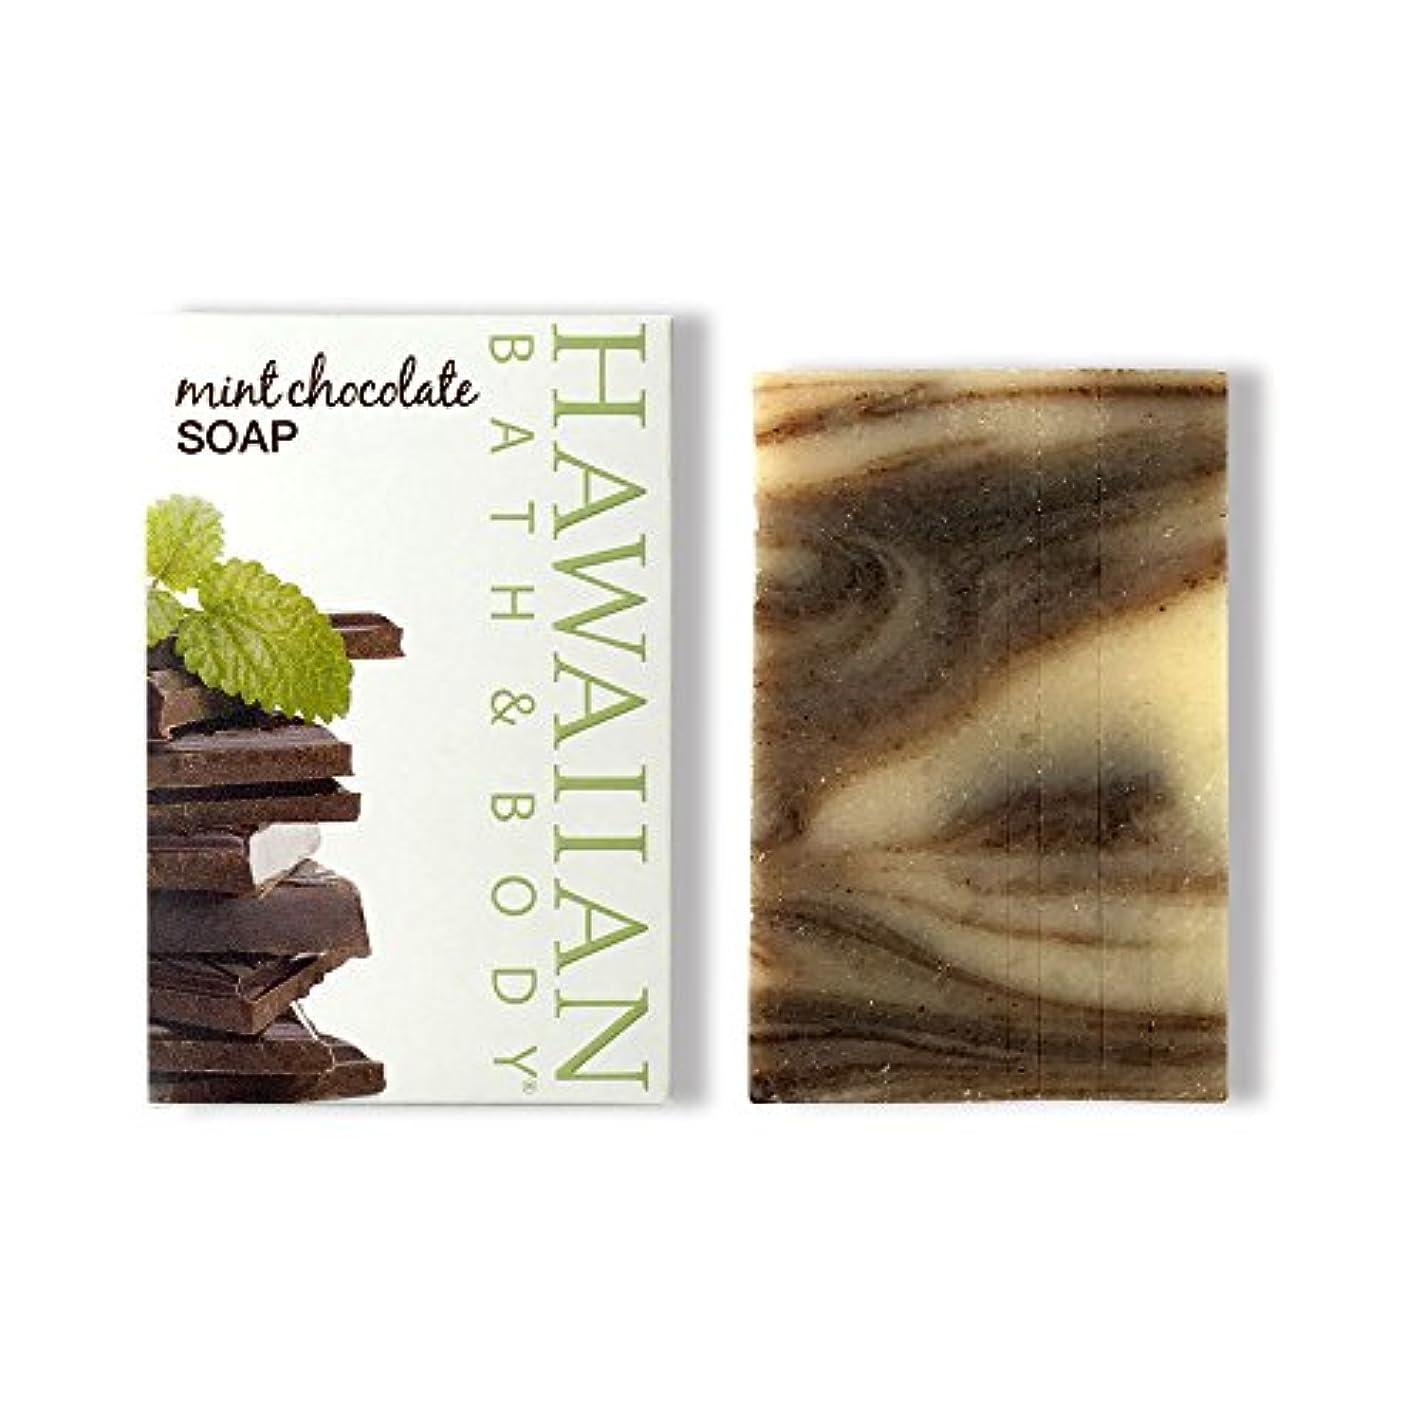 少ない火炎犯すハワイアンバス&ボディ ハワイアン?ミントチョコレートソープ ( Hawaii Mint Chocolate Soap )